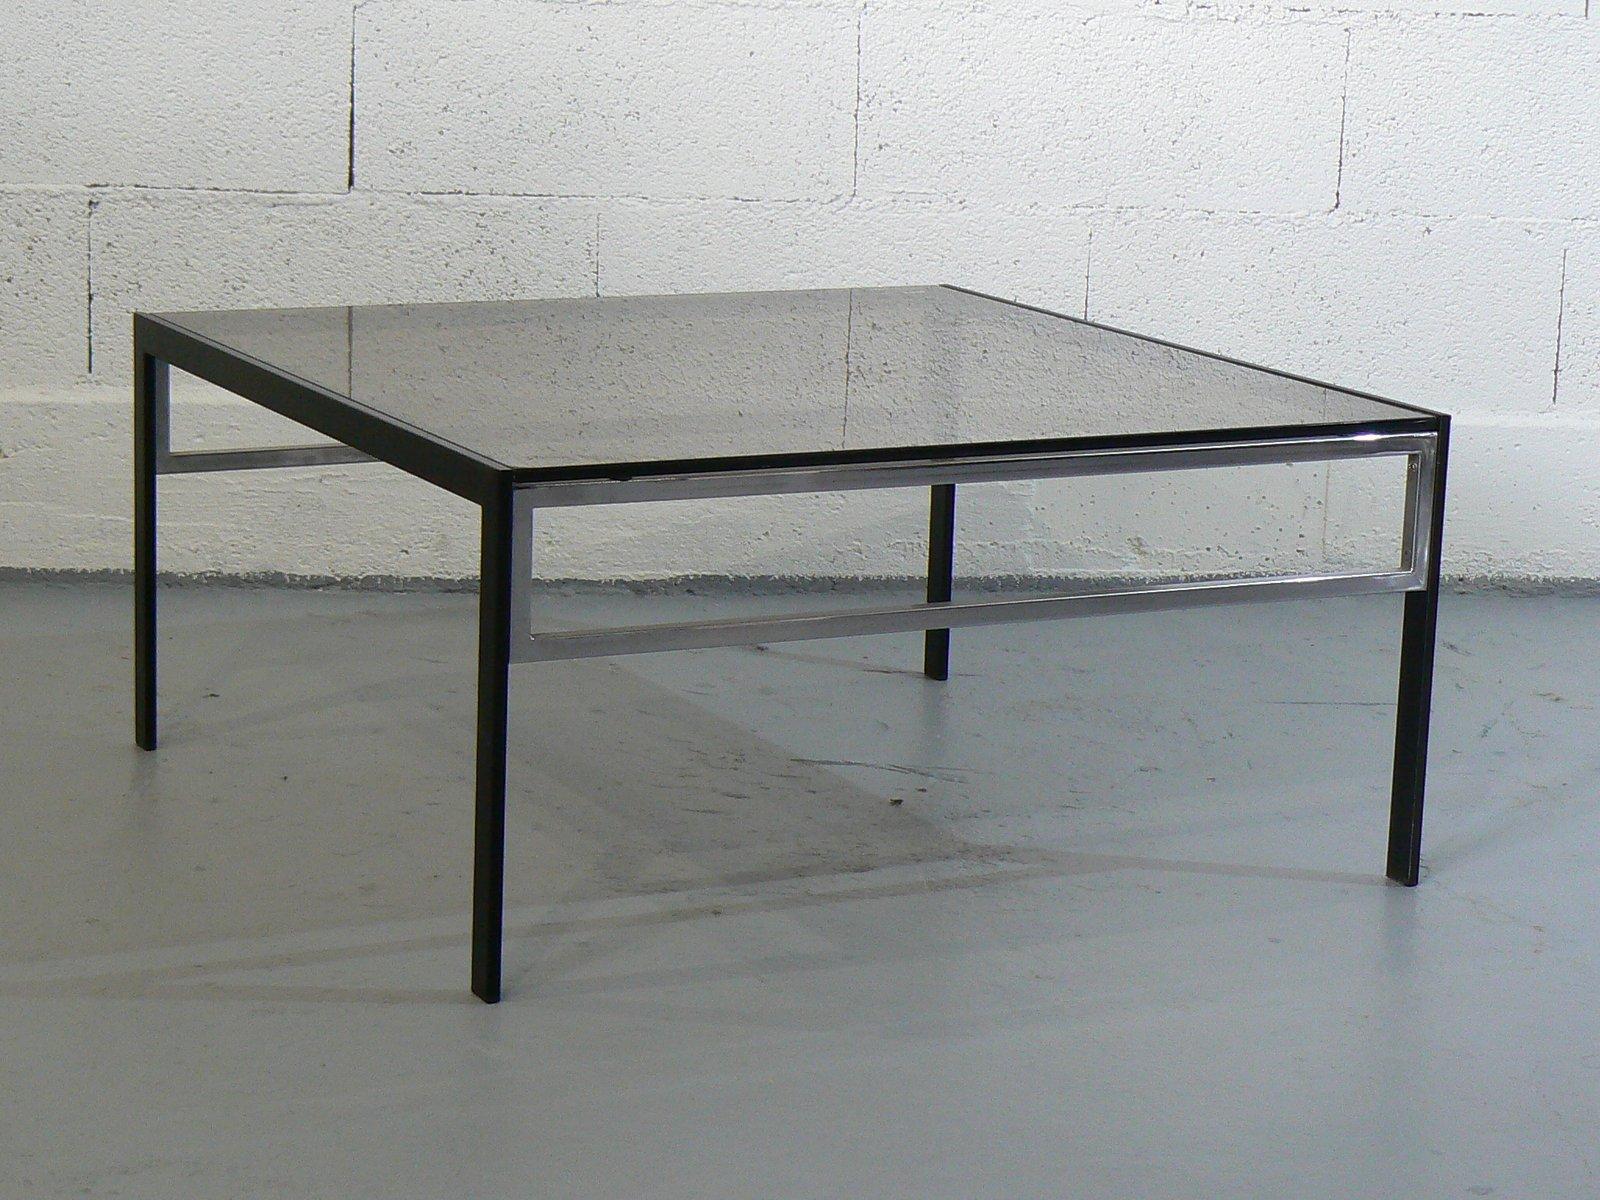 gro er couchtisch von roche bobois 1974 bei pamono kaufen. Black Bedroom Furniture Sets. Home Design Ideas